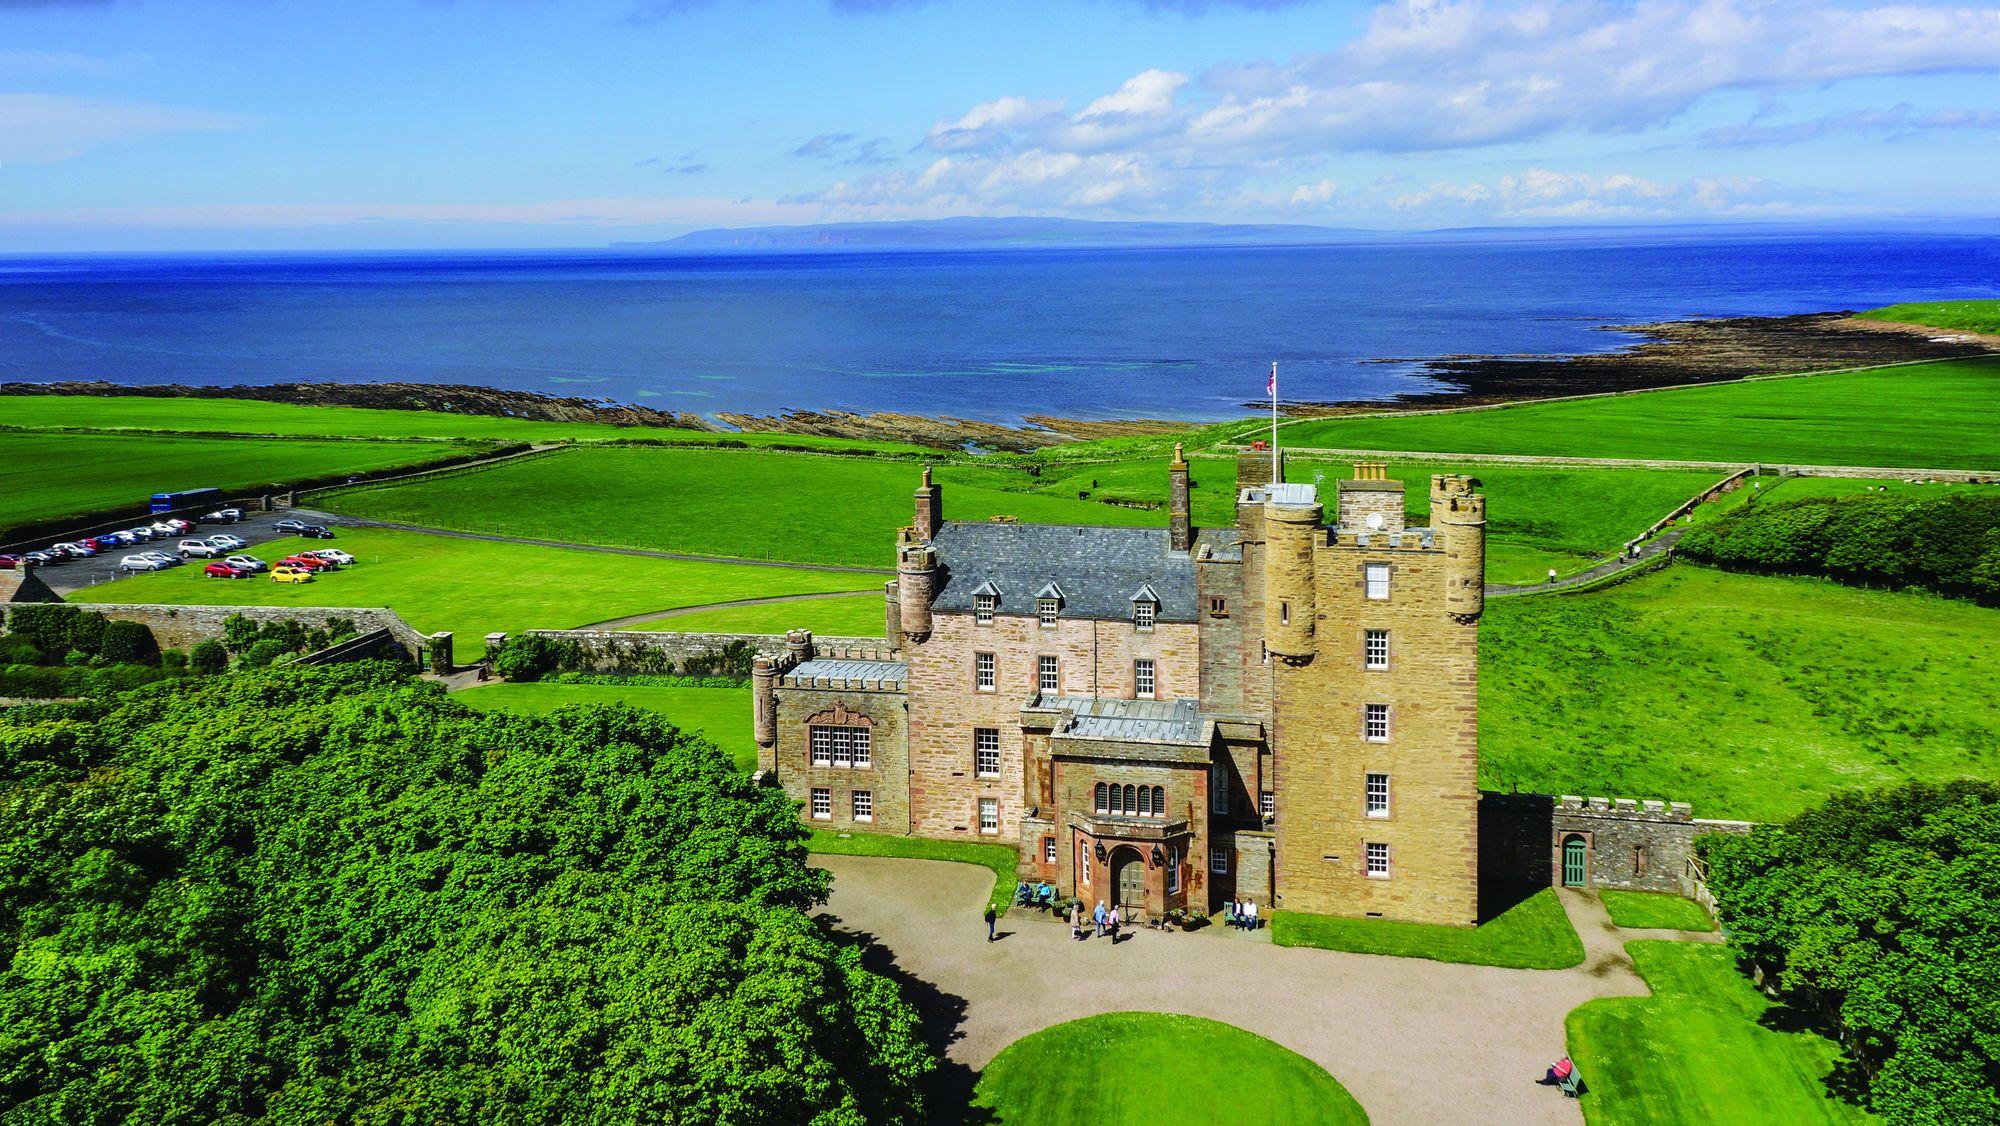 The Castle of Mey Scottish Castle & Gardens Castle